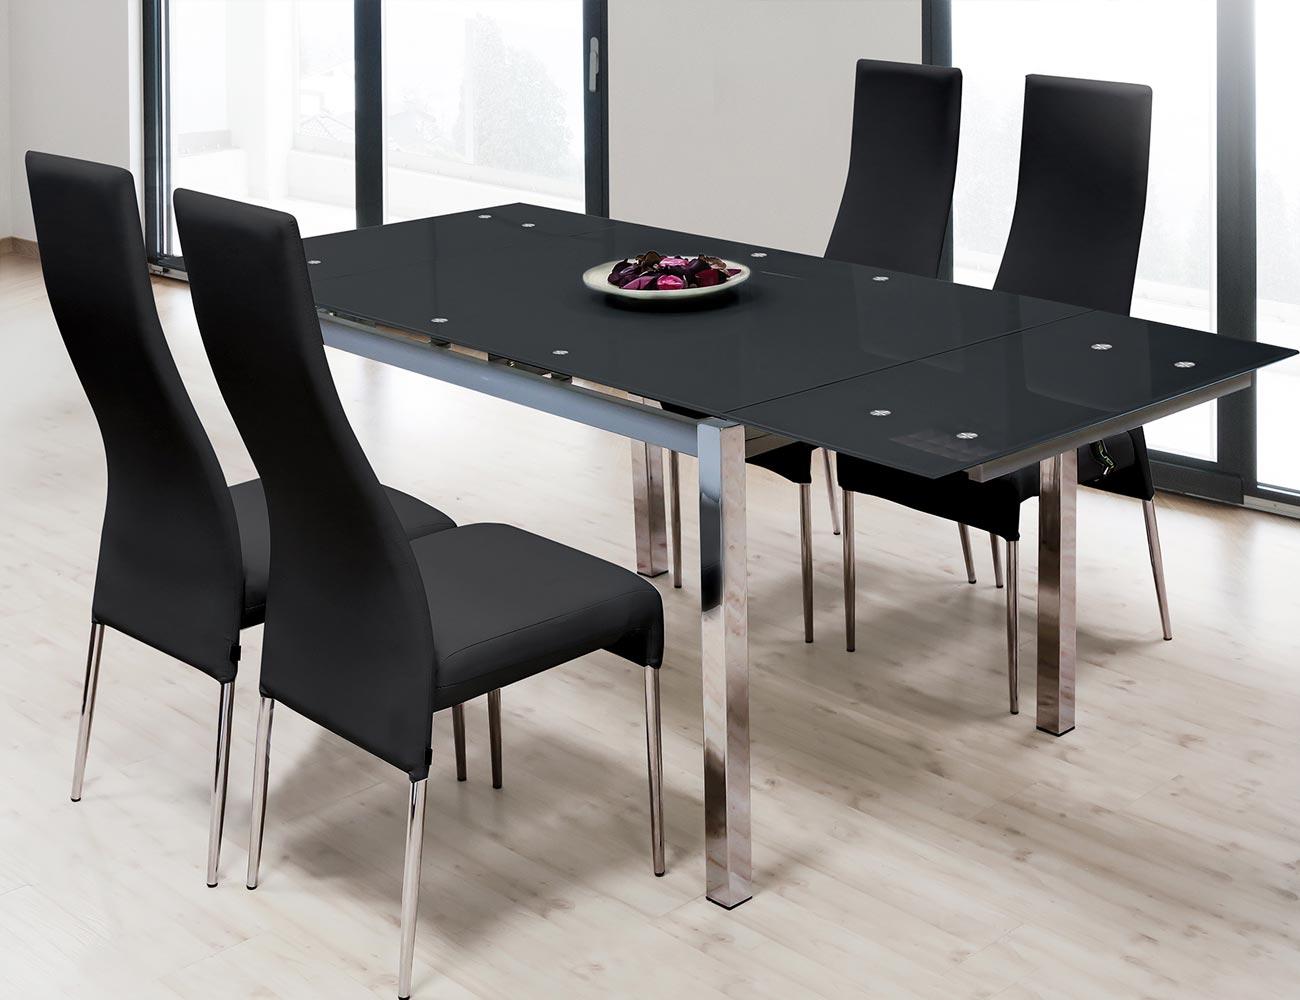 Mesa de comedor de cristal templado negro extensible con alas y ...